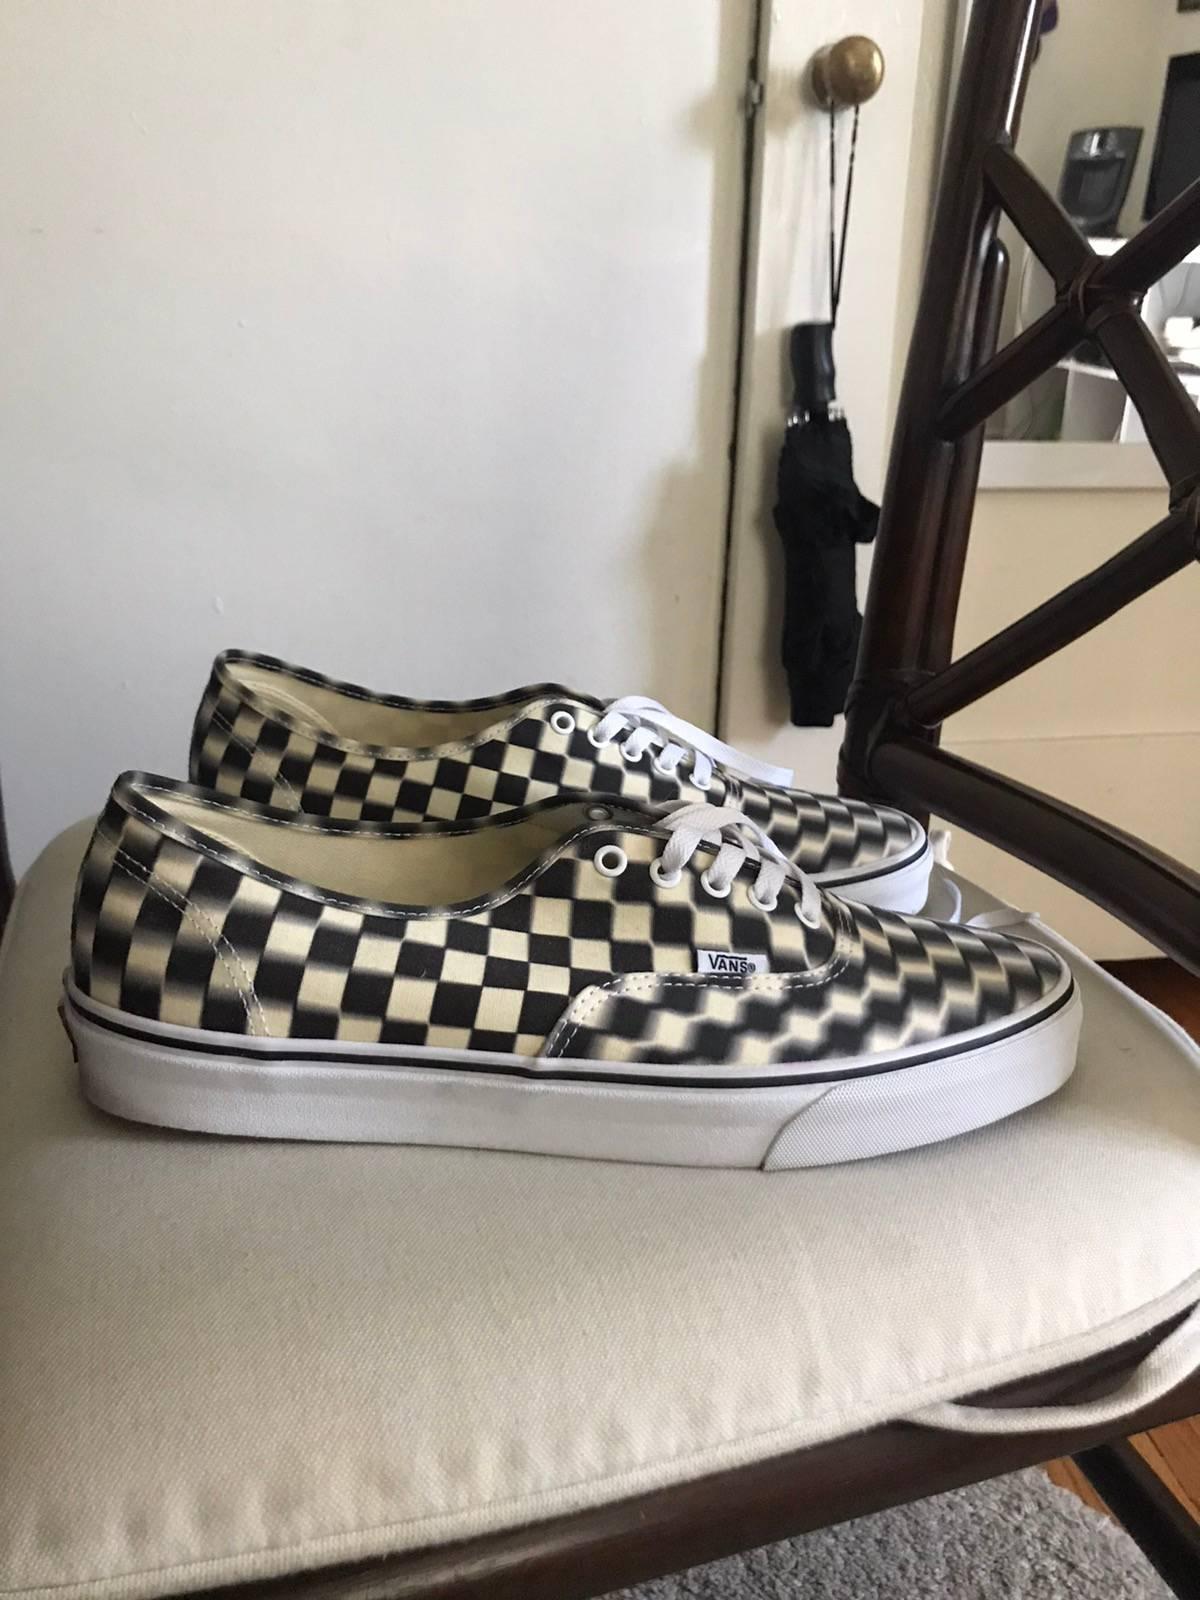 Vans Vans Authentic Blur Checkered Size 13 $40